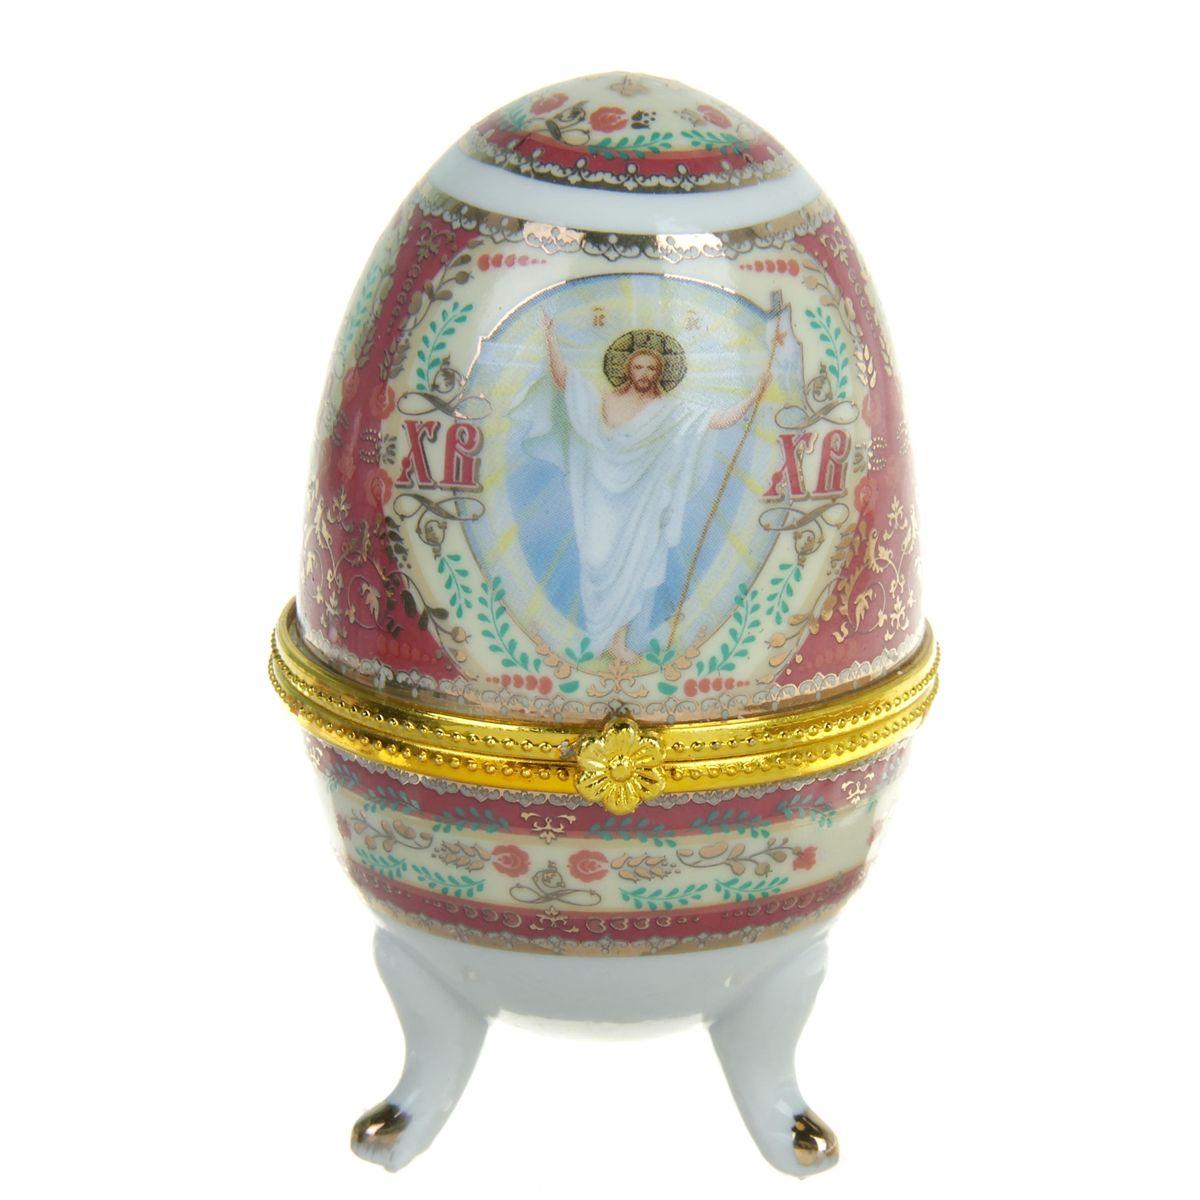 Яйцо-шкатулка Sima-land Воскресение Христово, высота 10 см ваза sima land серебряная роза высота 18 см page 2